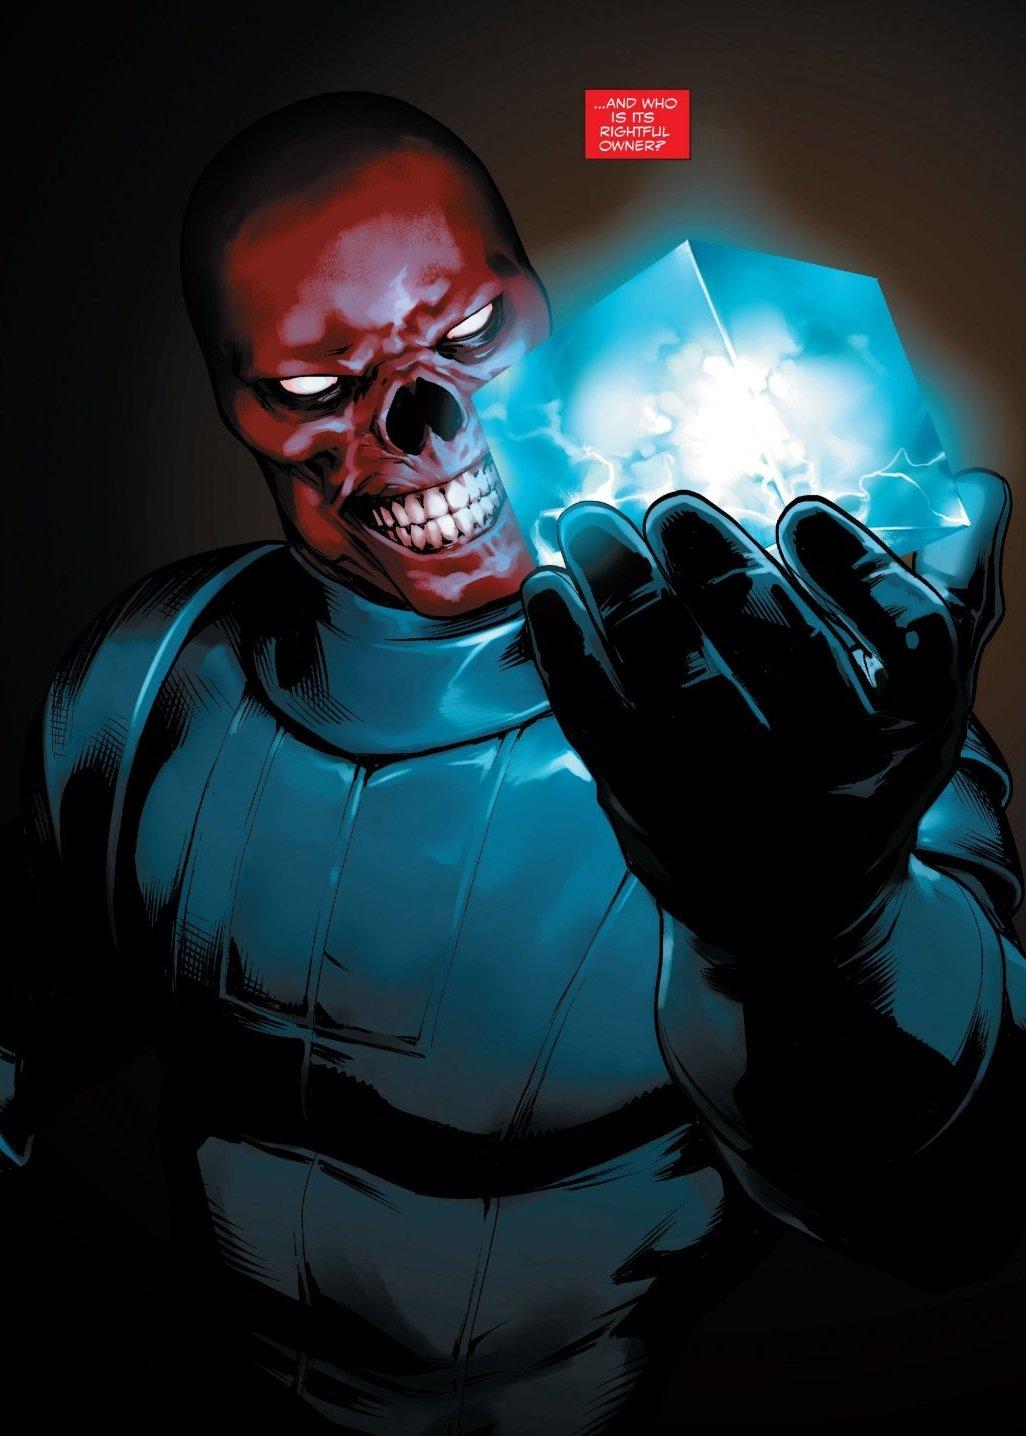 Как Капитан Америка предал все ради власти над Гидрой ивсем миром. - Изображение 12